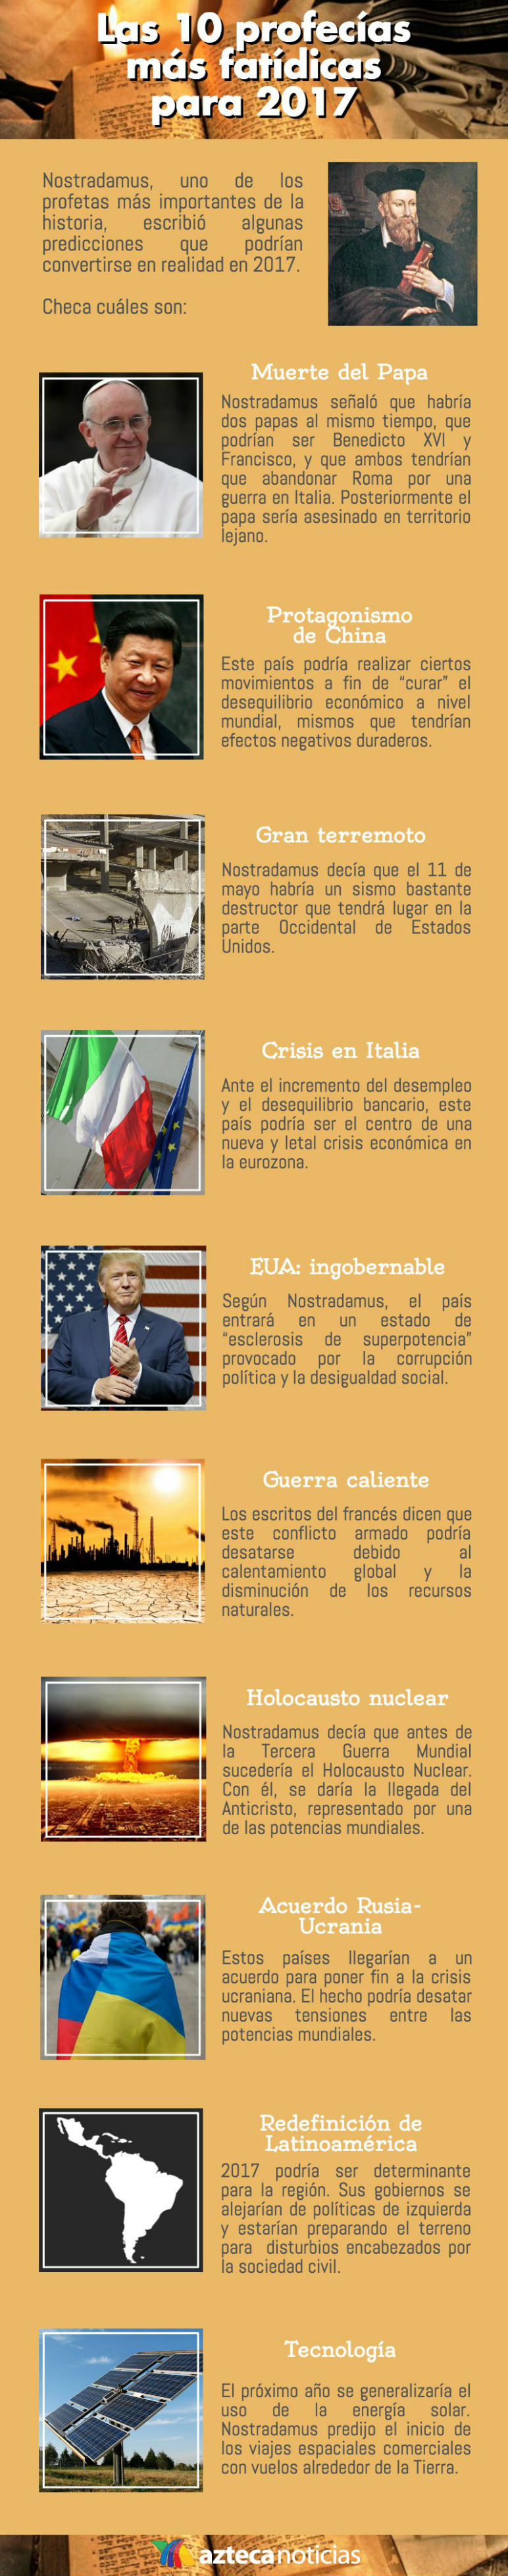 Las 10 Profecías Más Fatídicas Para 2017 Infografia